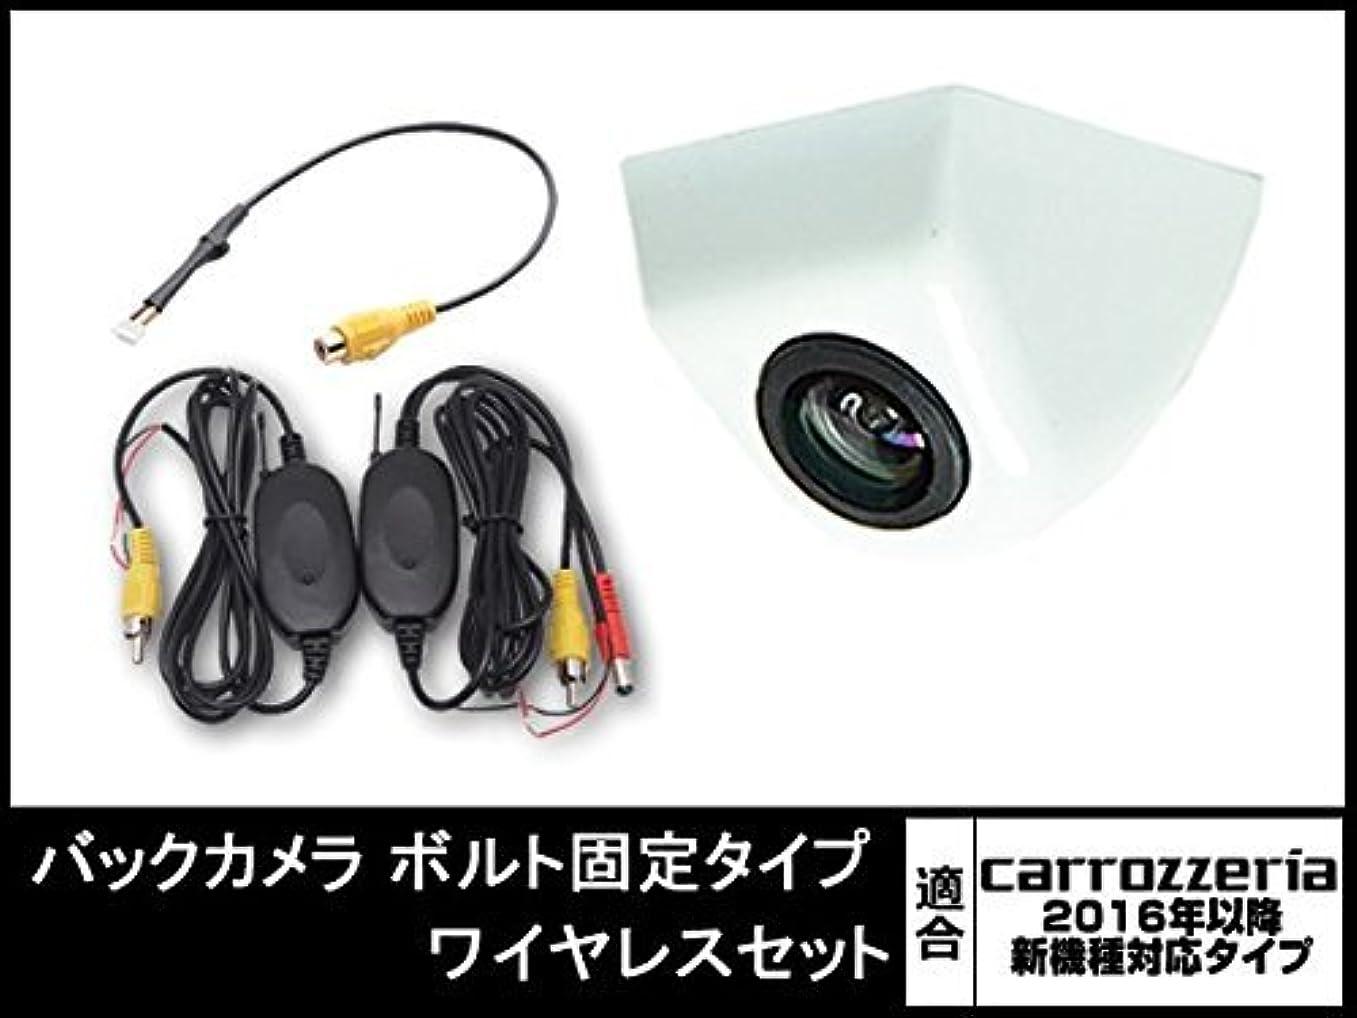 おとうさんピケミュウミュウAVIC-CE900VO-M 対応 高画質 バックカメラ ボルト固定タイプ ホワイト CMOS 車載用 広角170°超高精細 CMOS センサー 【ワイヤレスキット付】